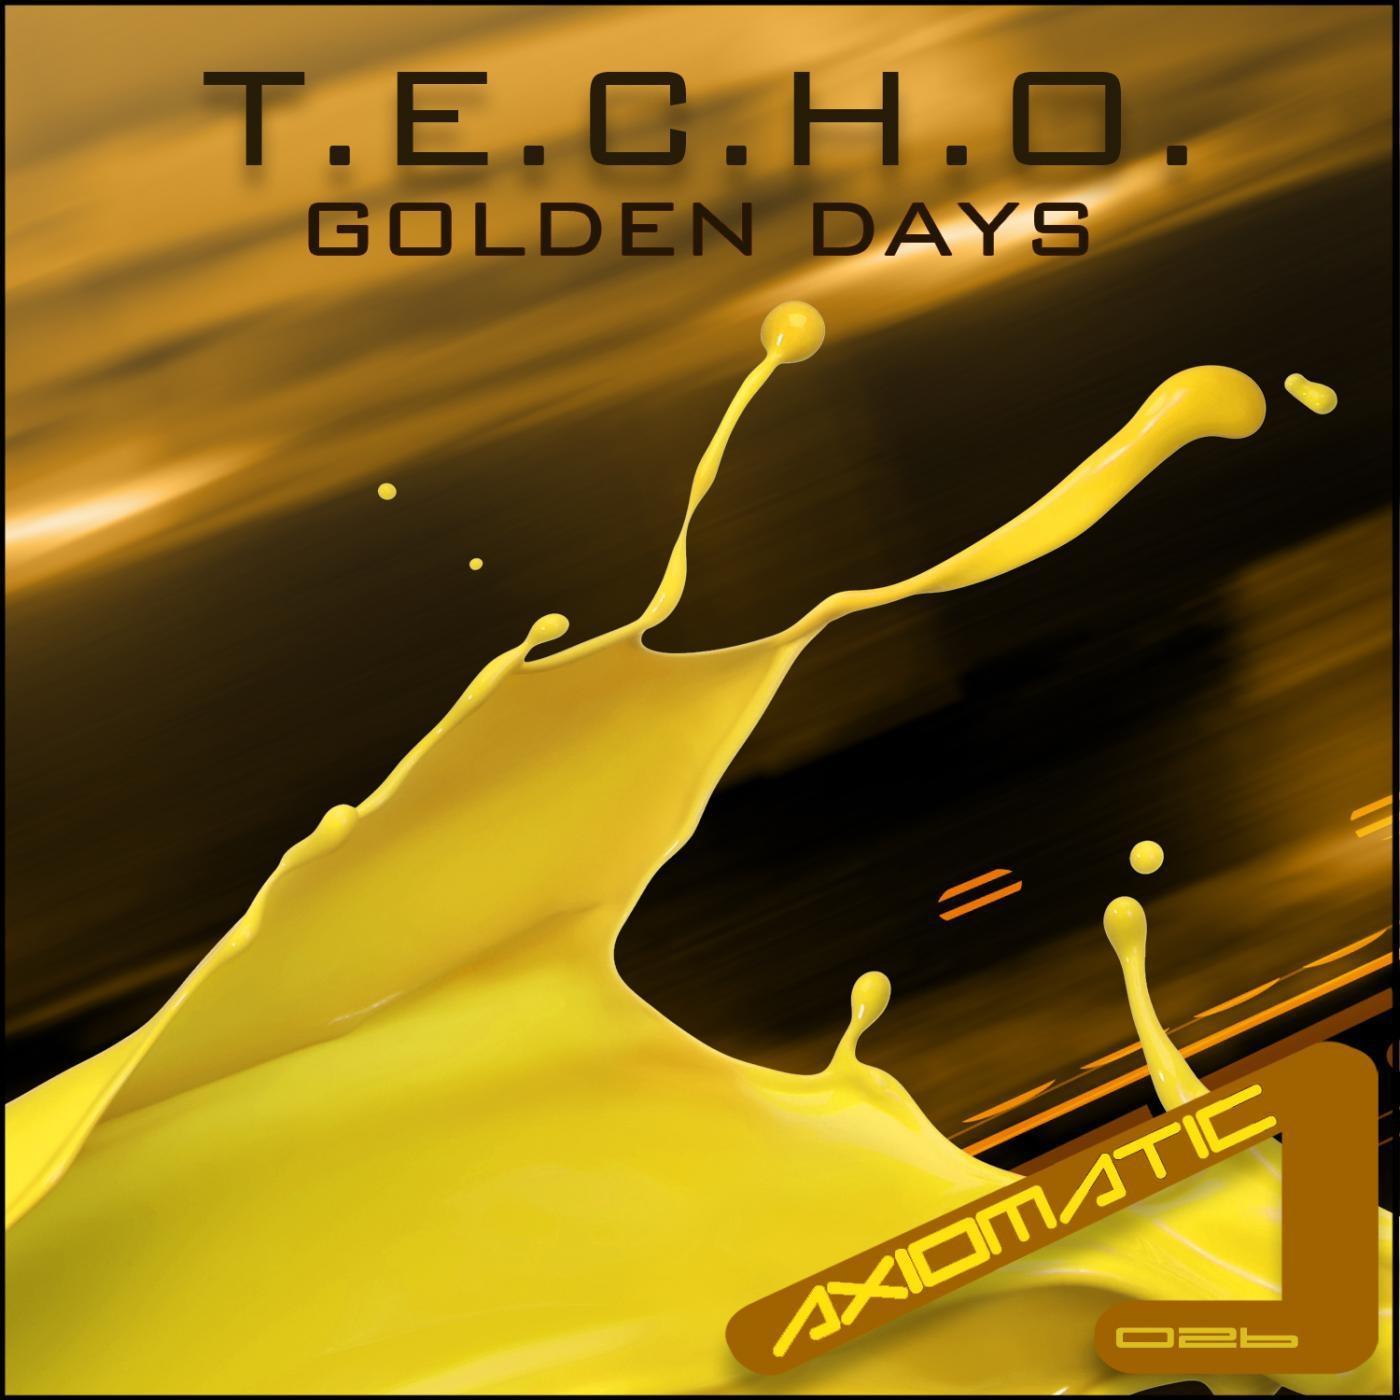 T.E.C.H.O. - Catcher (Original mix)